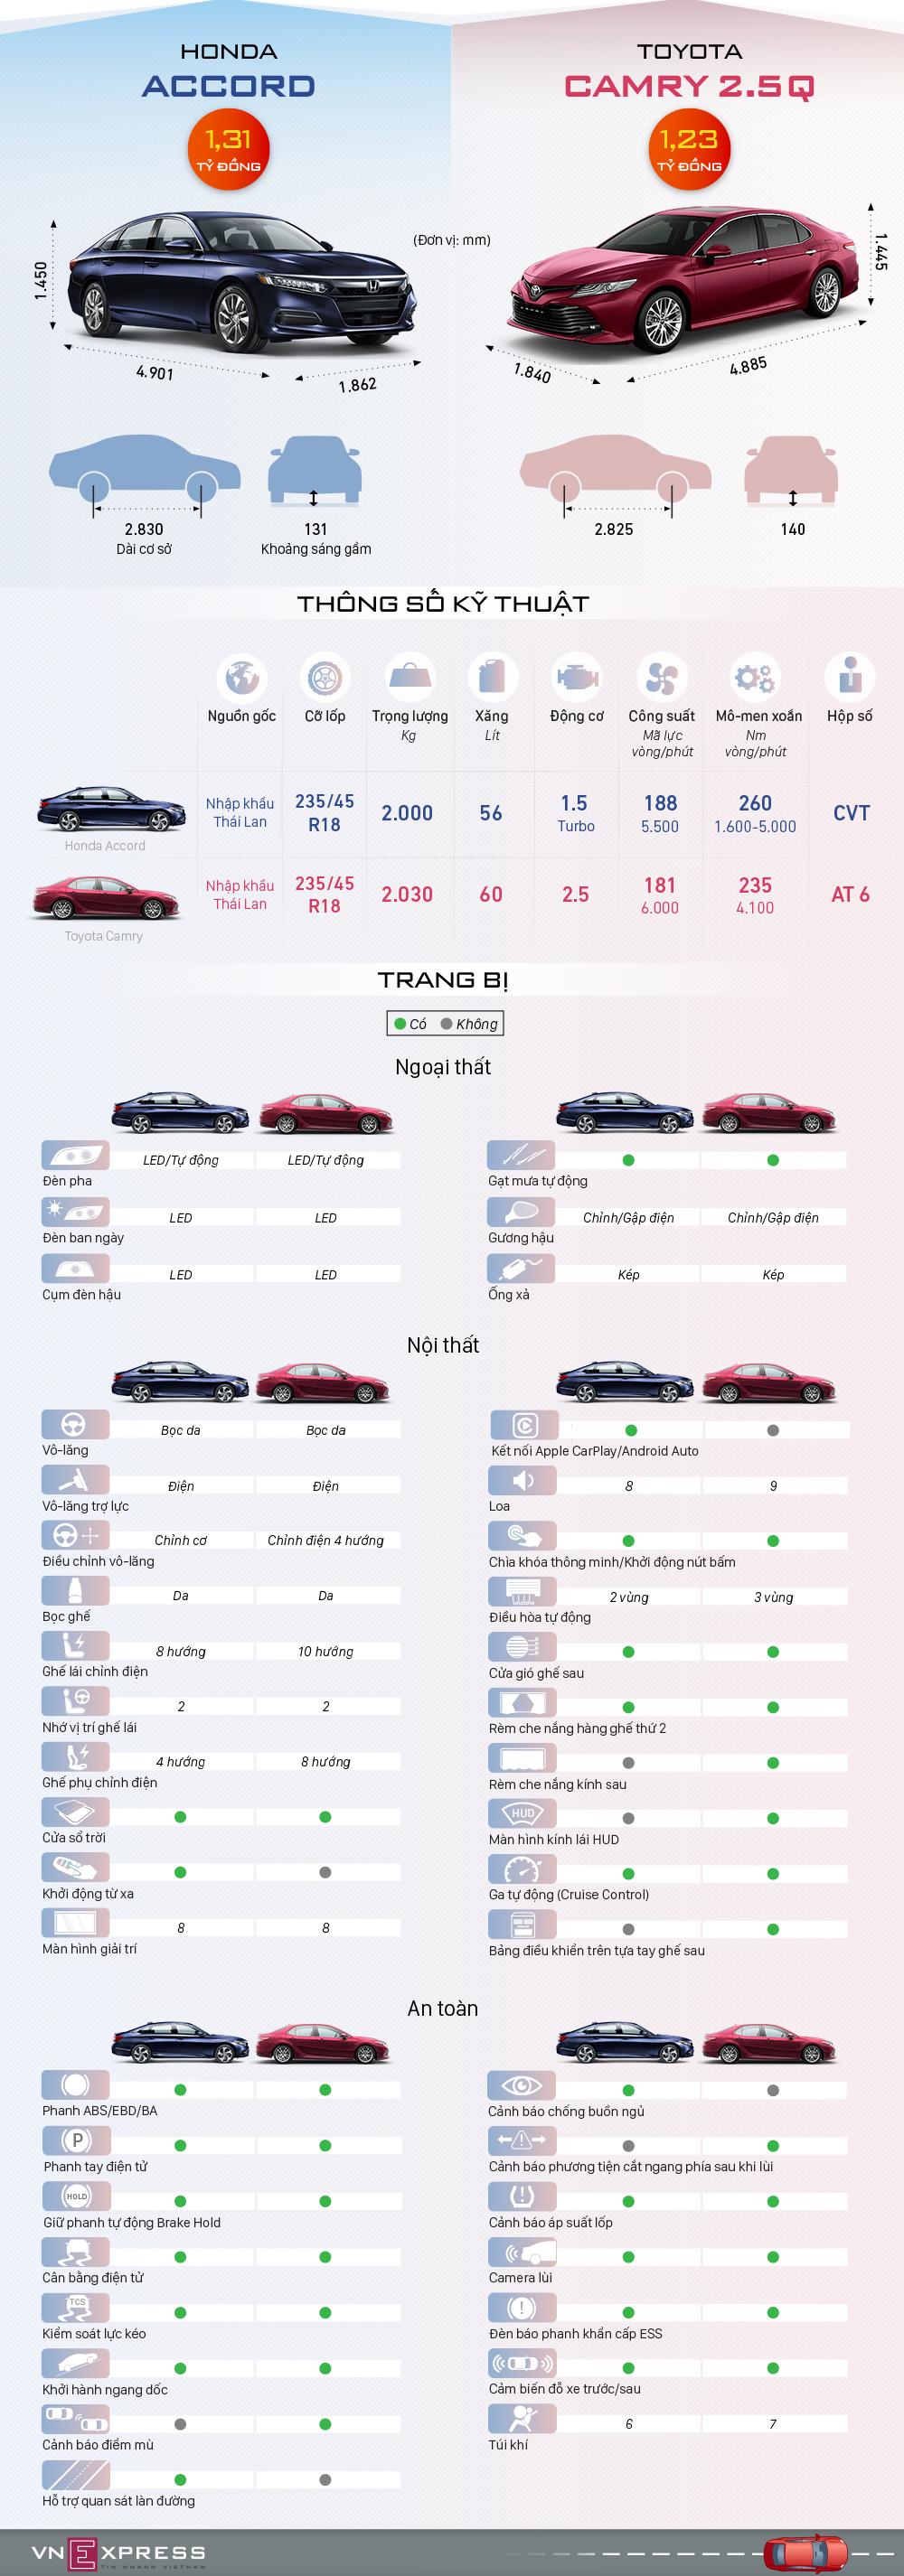 Honda Accord và Toyota Camry - cuộc đấu khi khách hàng hết mặn mà